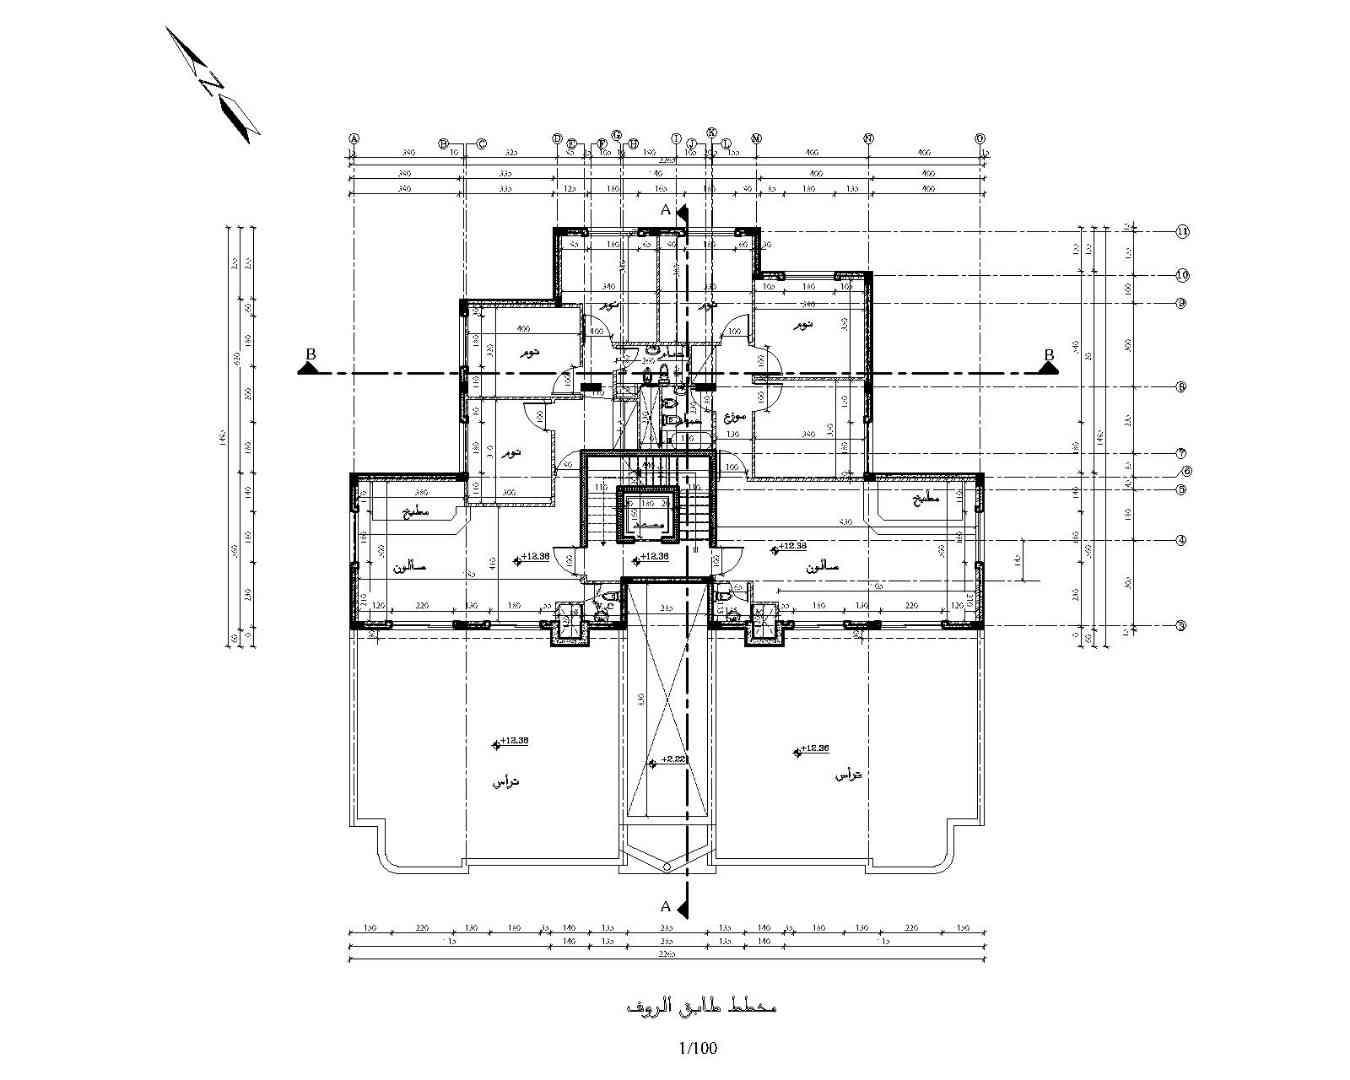 معهد بومجرينيت بذور المعرفةمعهد بومجرينيت في دبي هو نظام تعليمي للأشخاص من جميع الأعما�-  دورات هندسية احترافية...